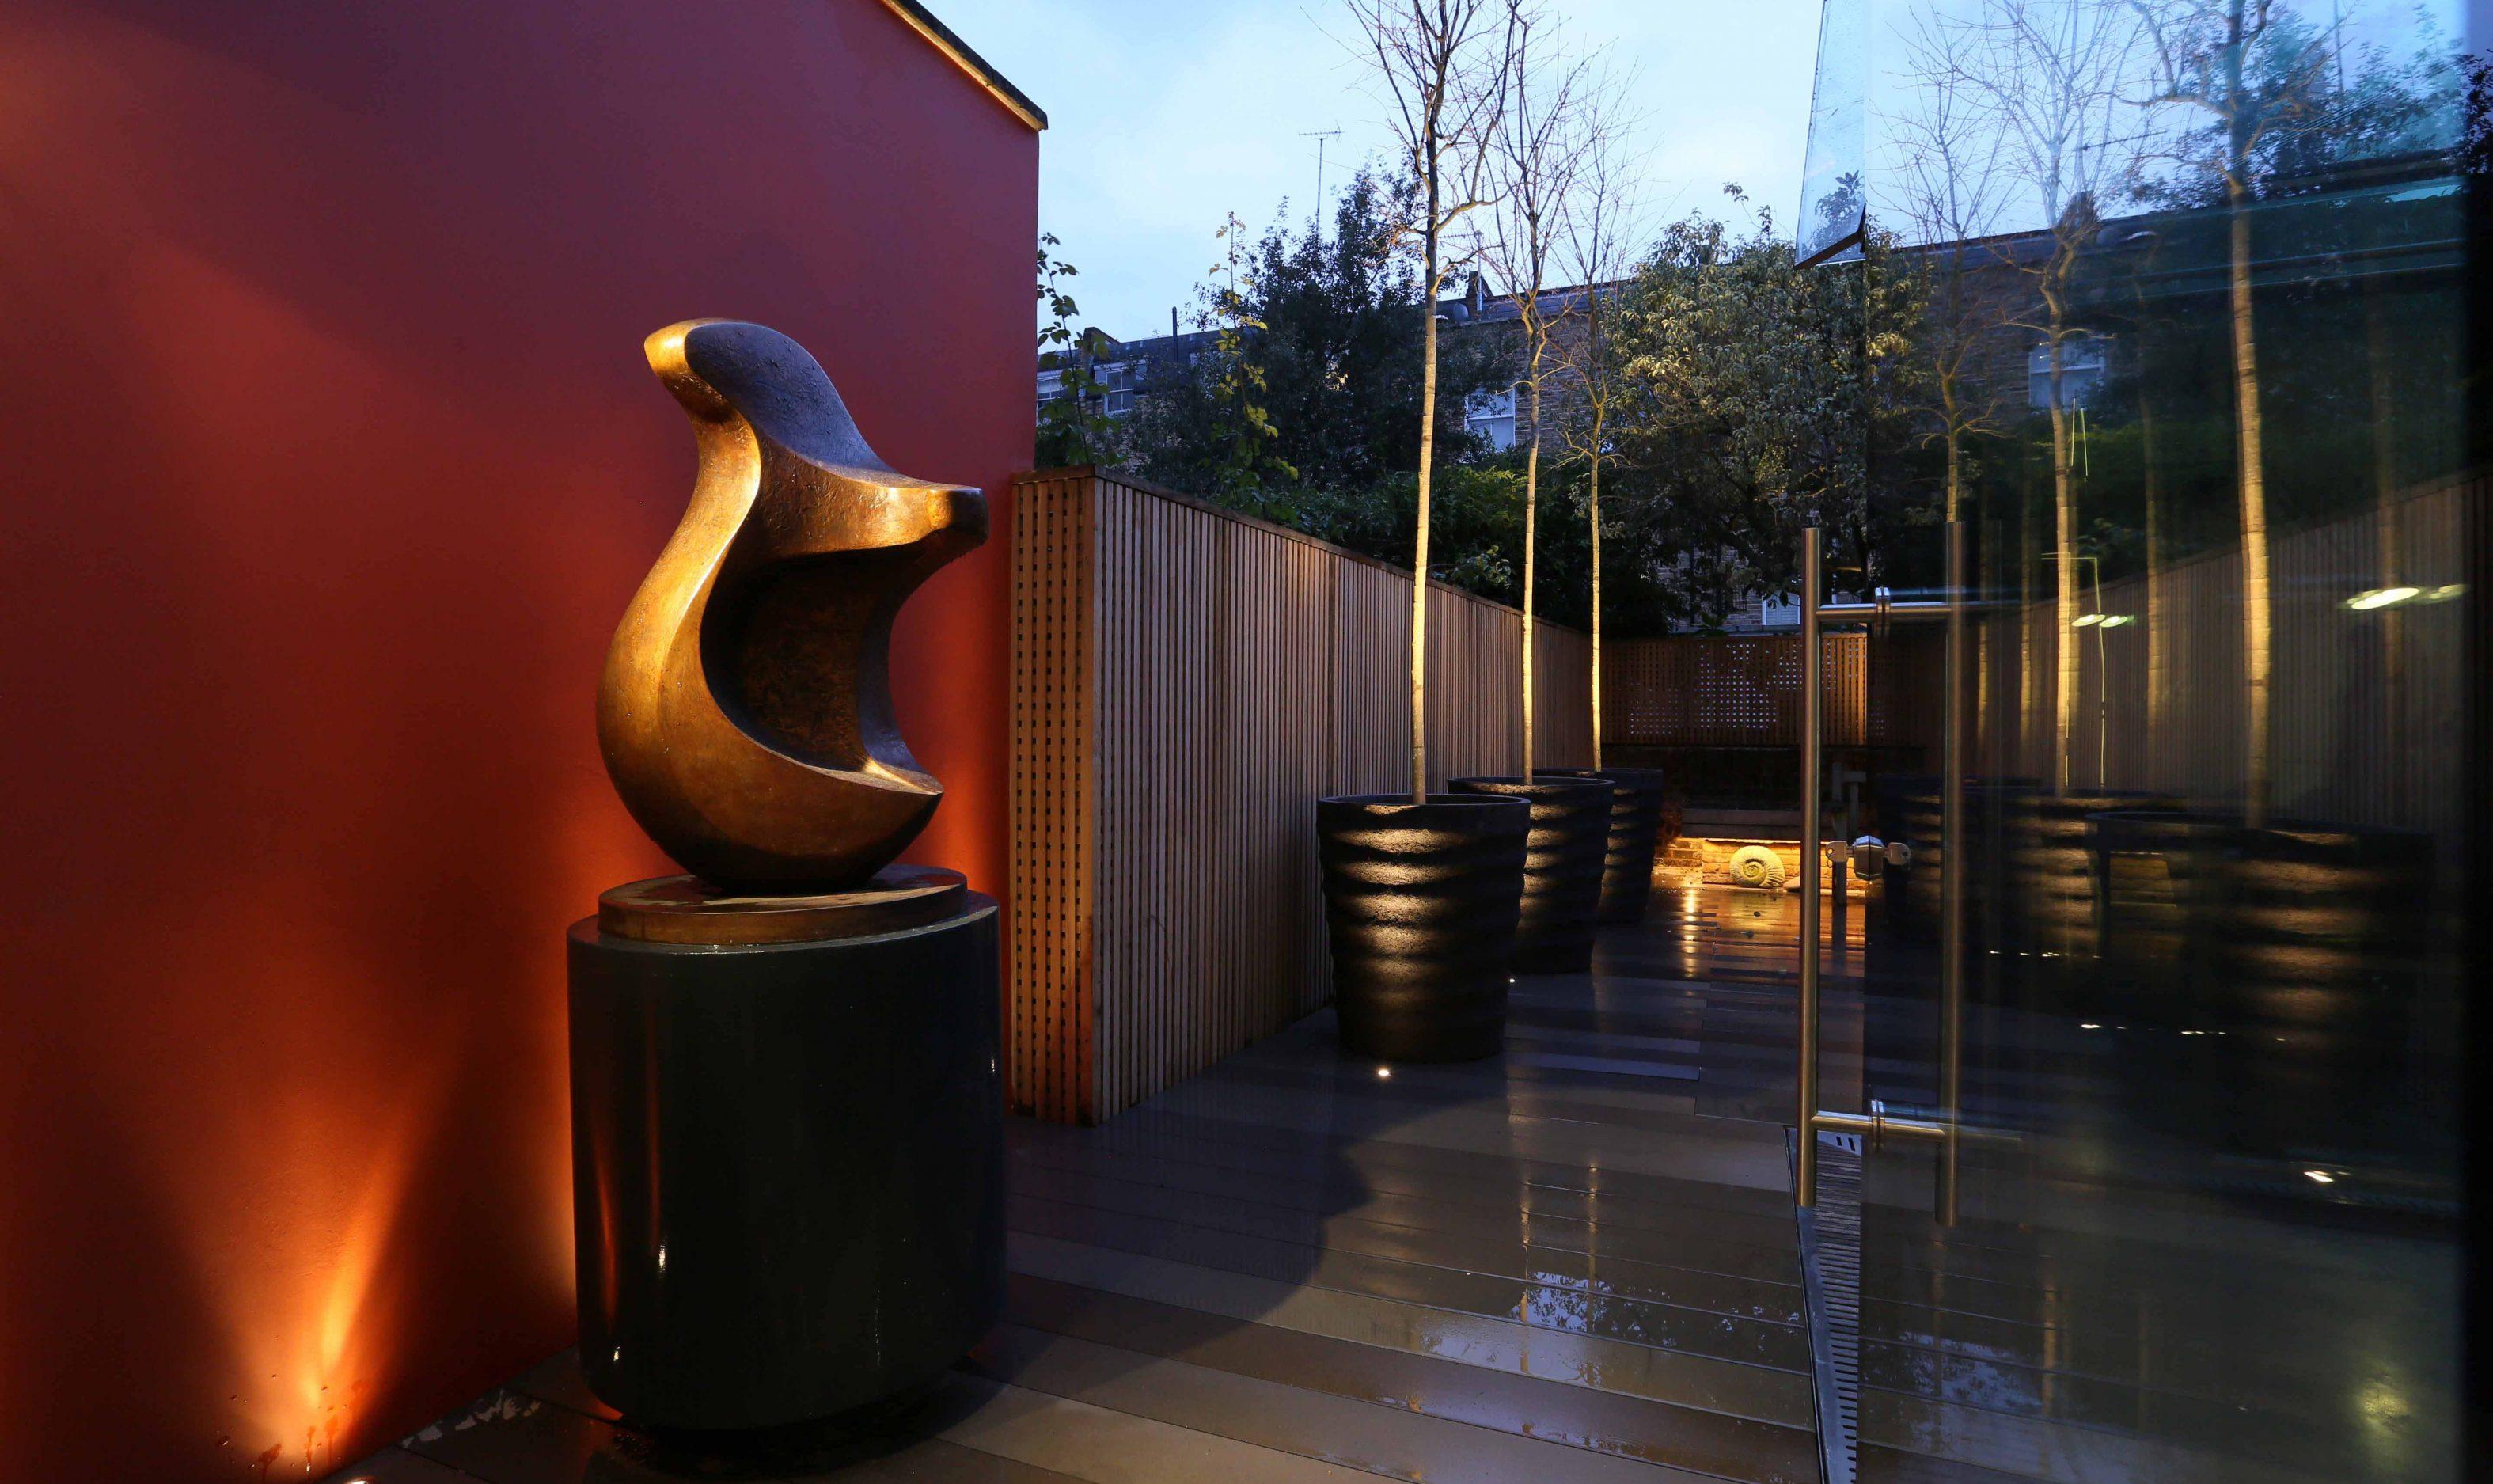 Garden with Sculpture lighting